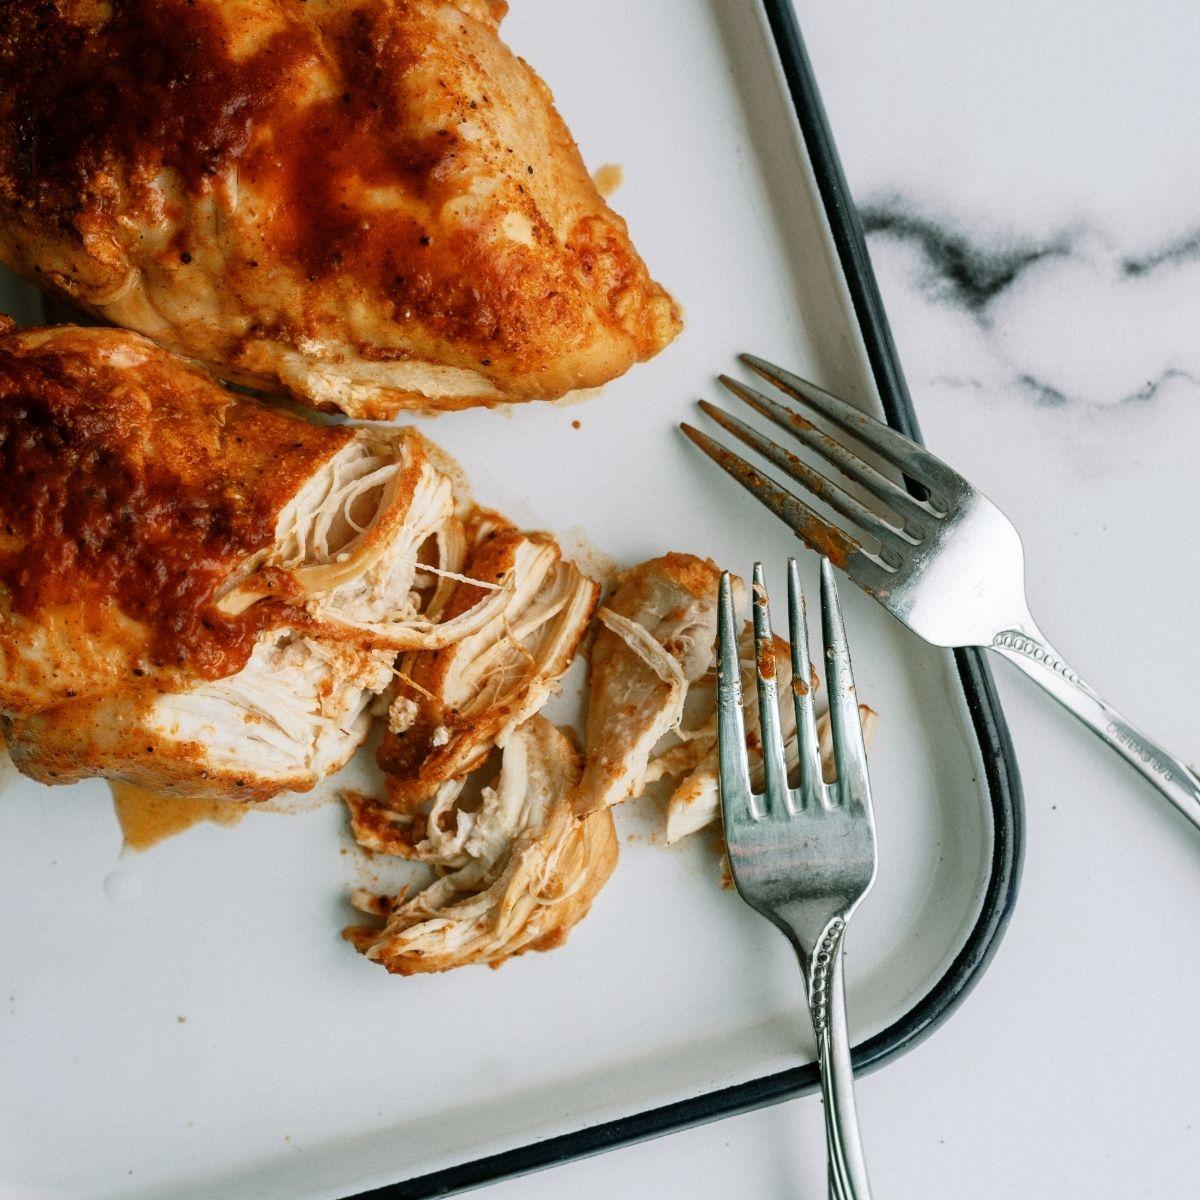 Shredding Instant Pot BBQ Chicken